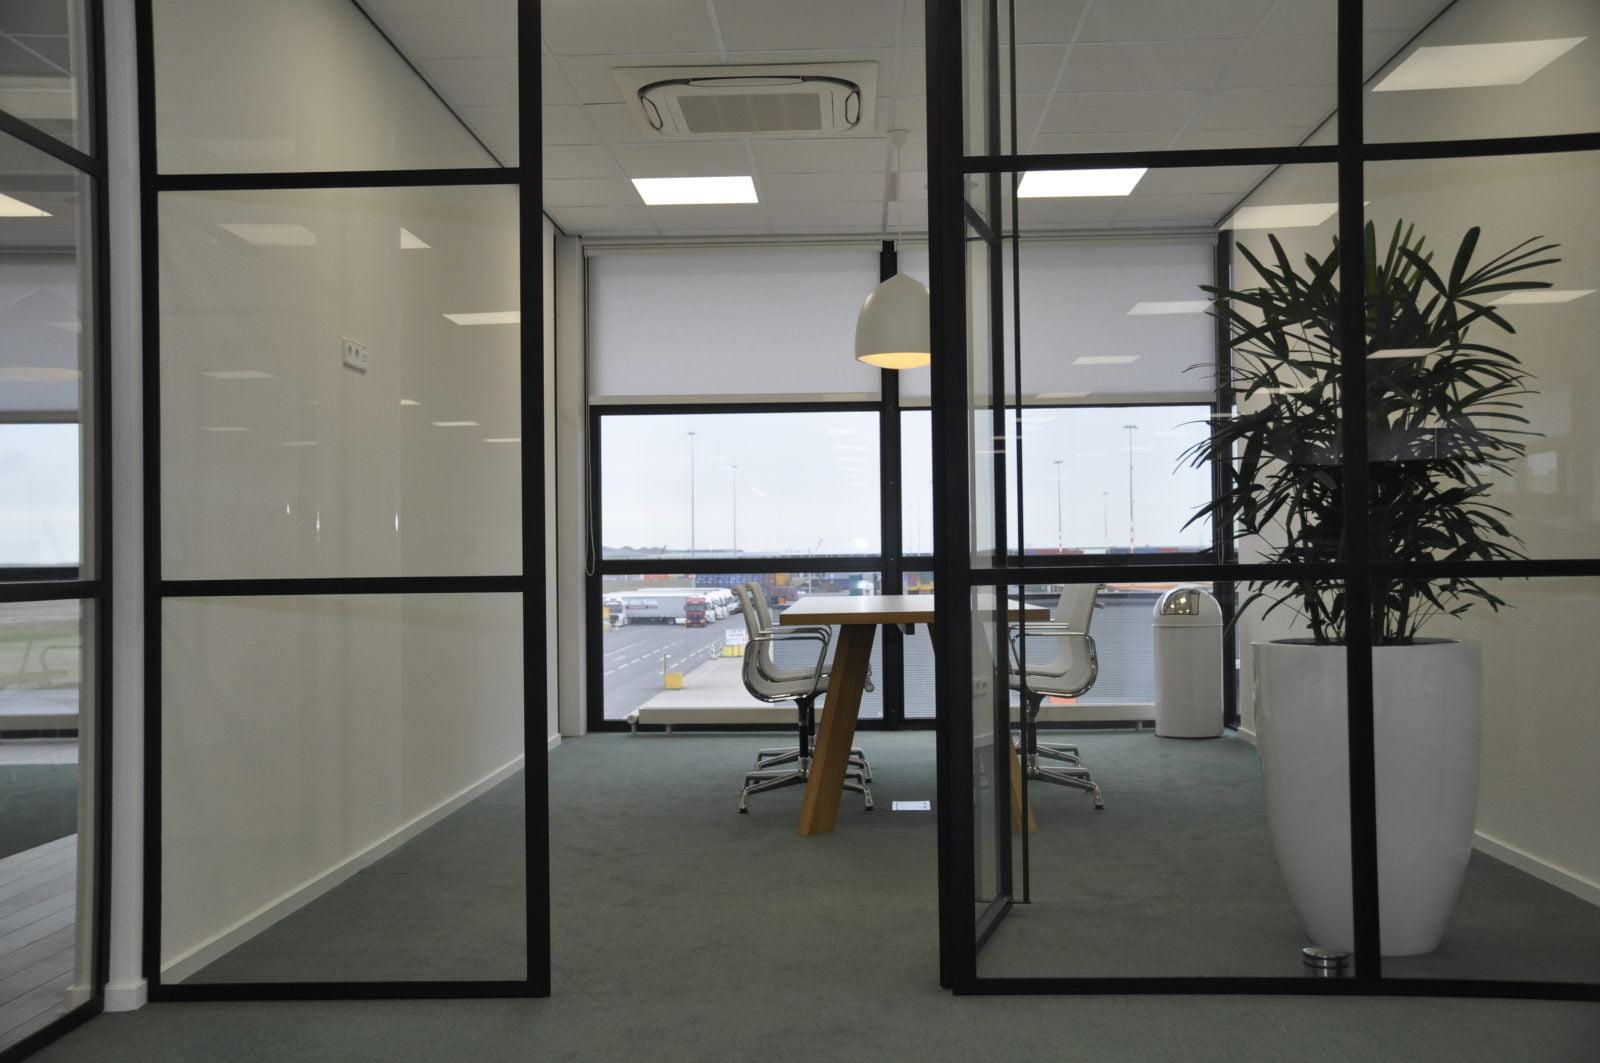 Stalen-zwarte-deuren-kantoor